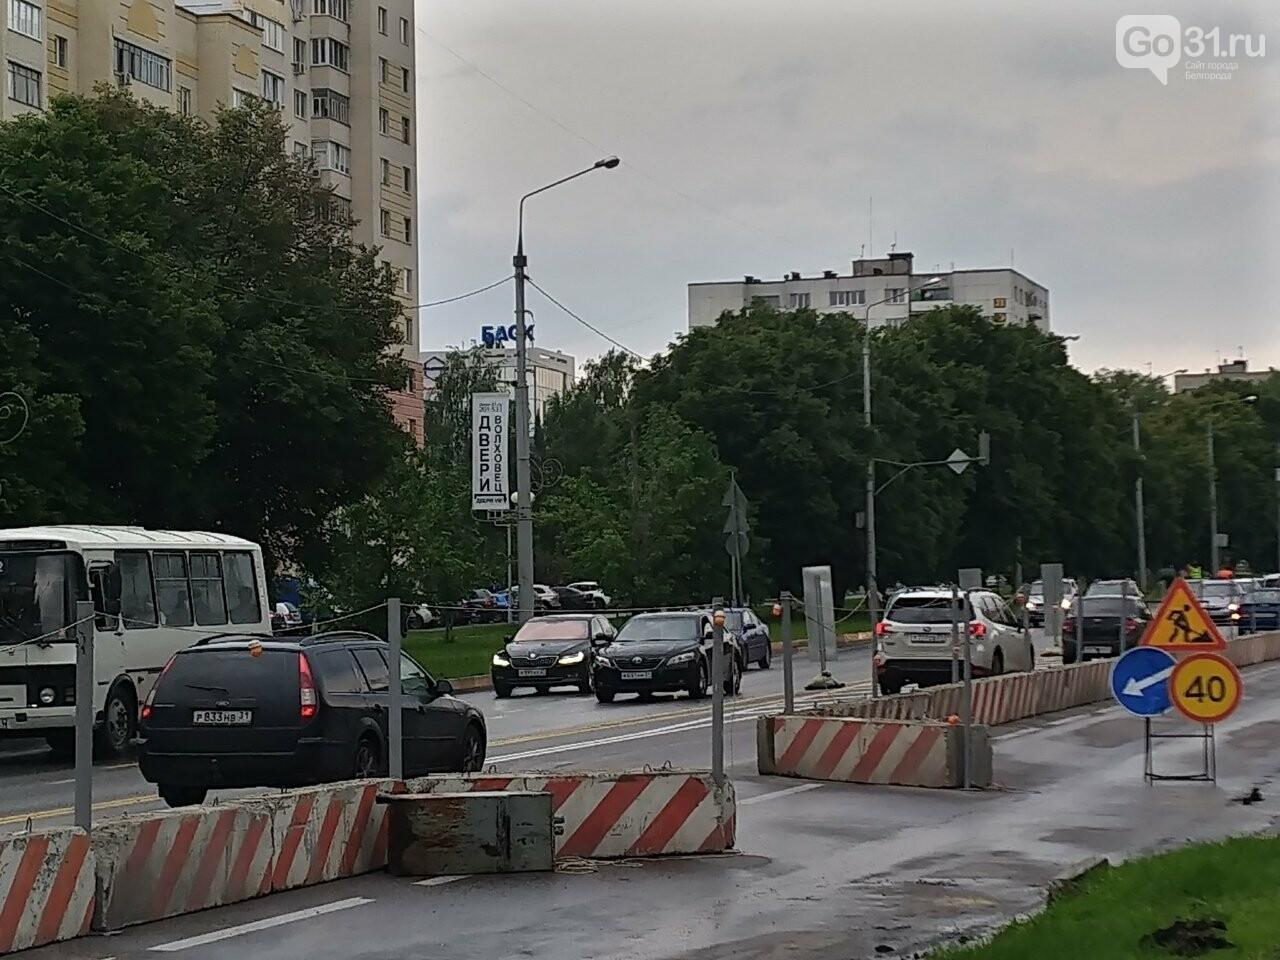 Фото: Сергей Егоров